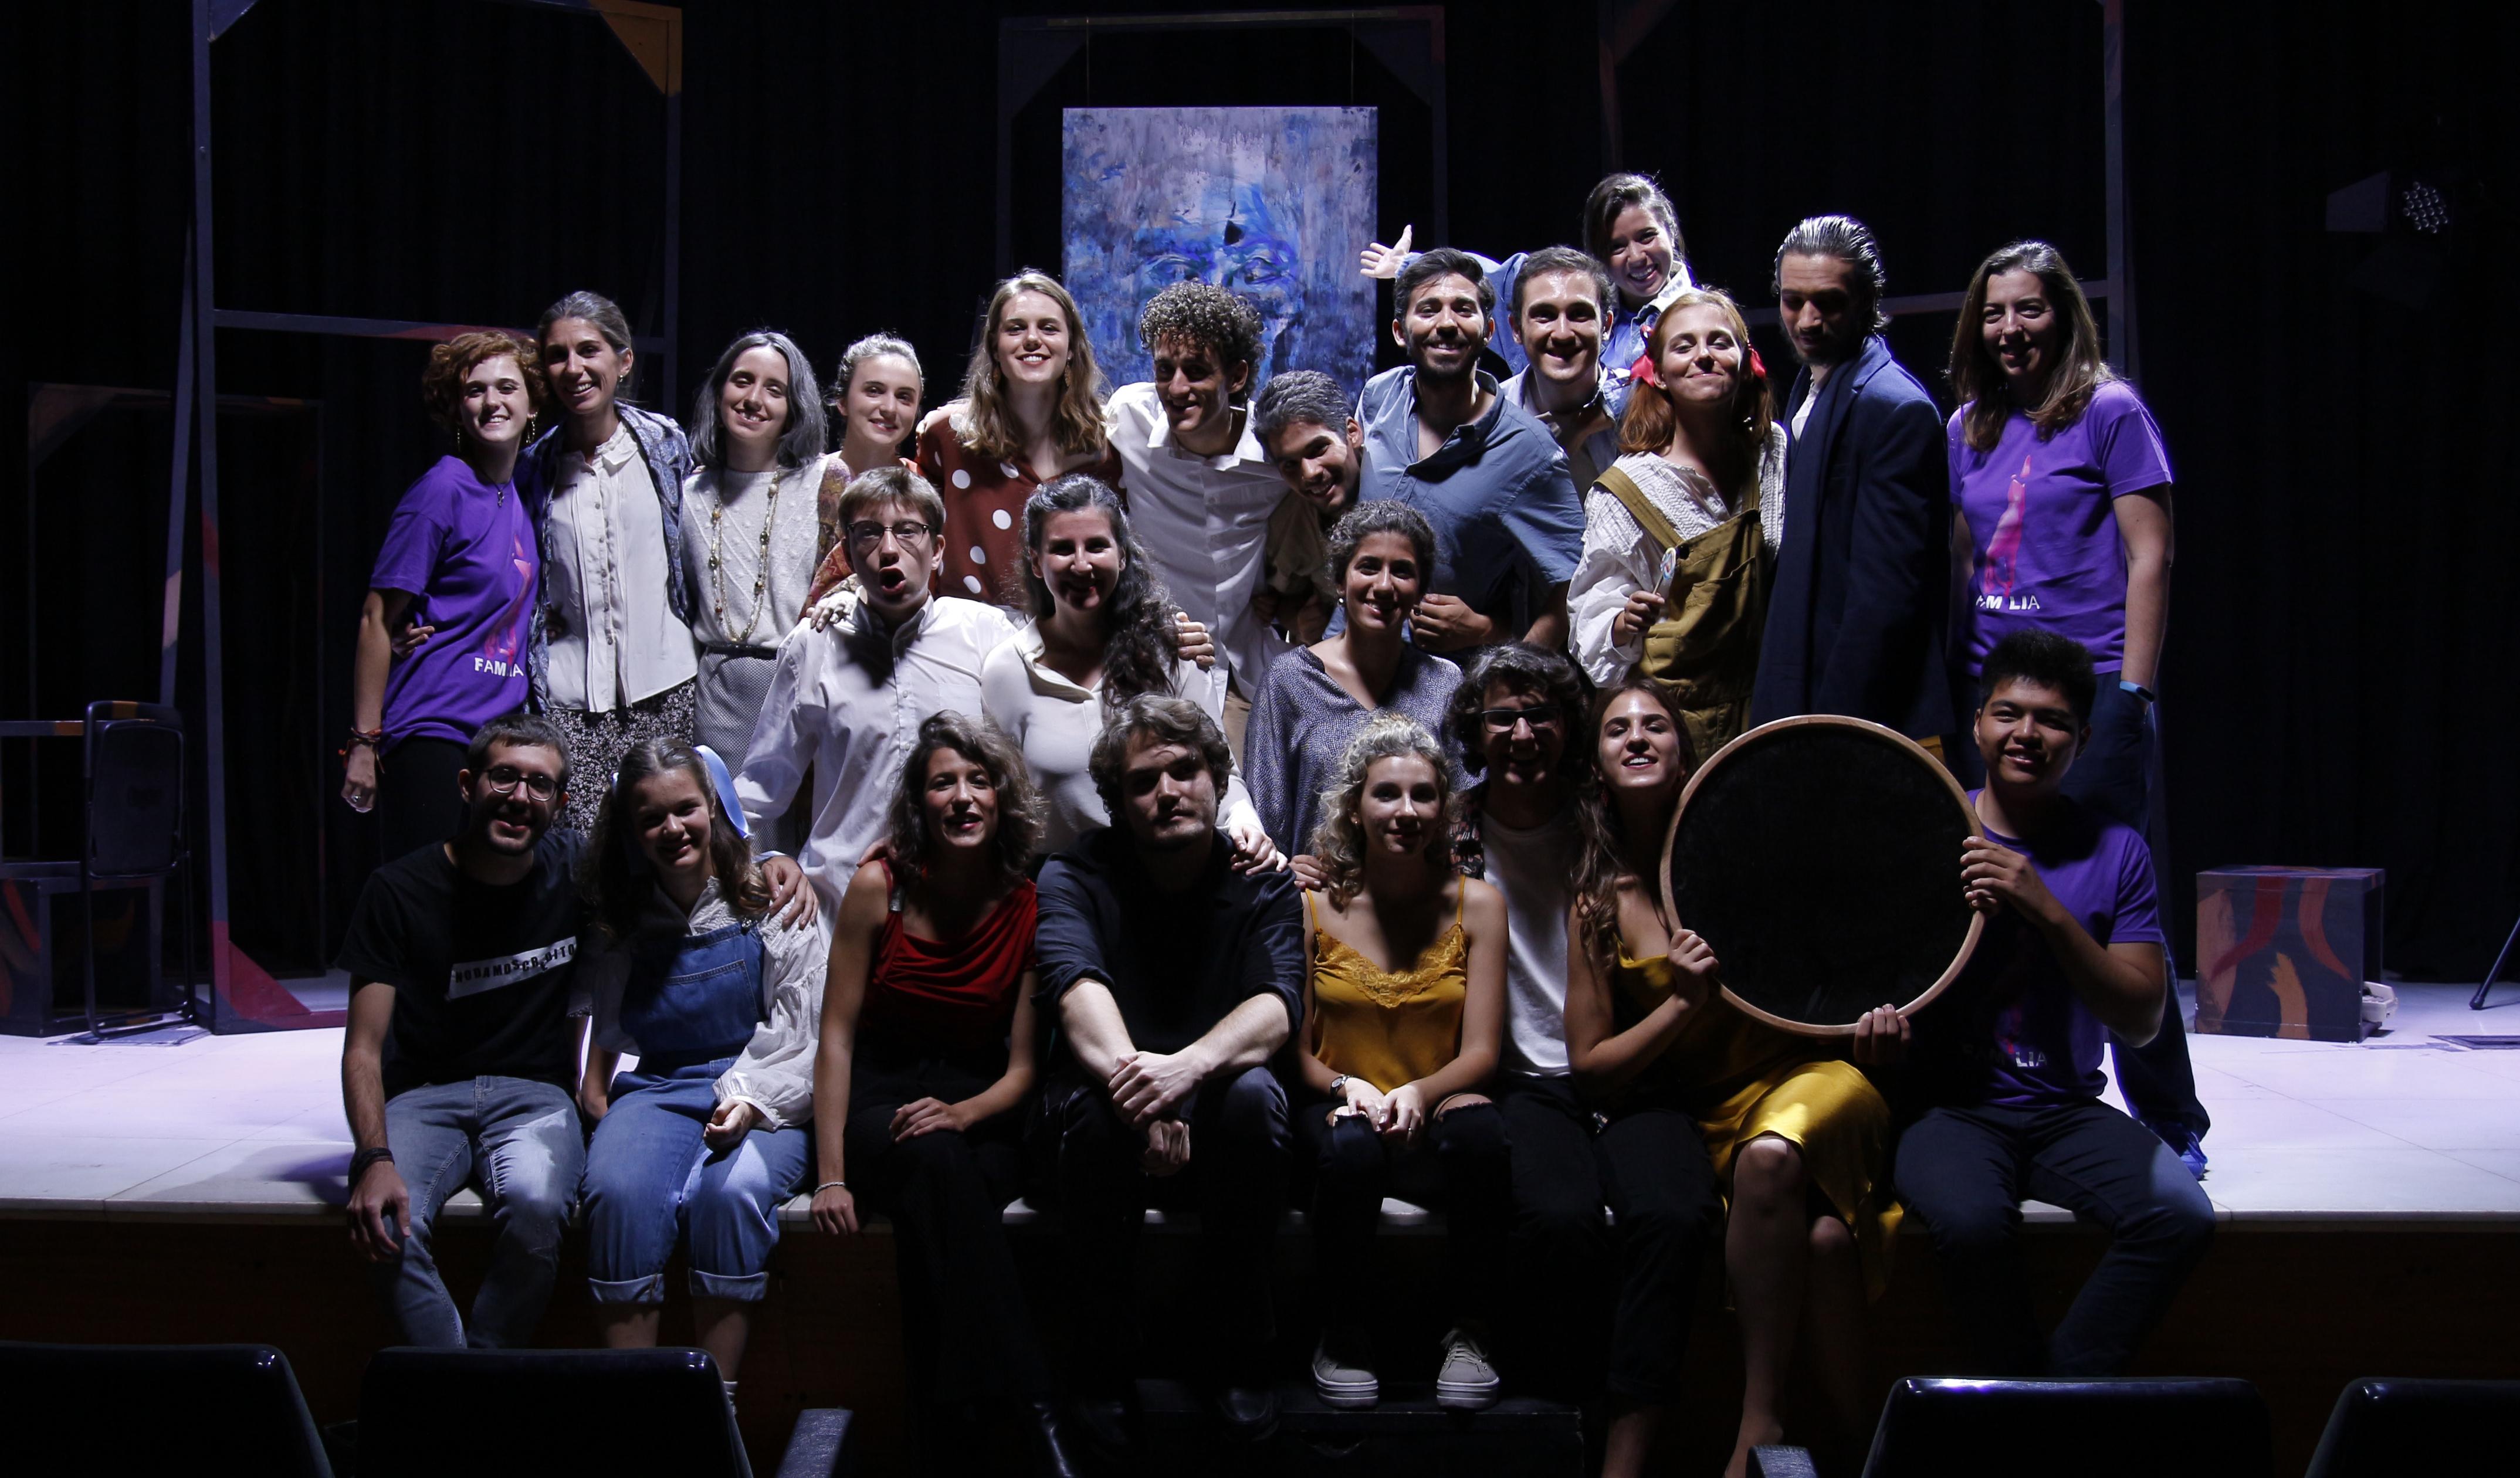 familia-nodamoscredito-NDC-teatro-foto-obra